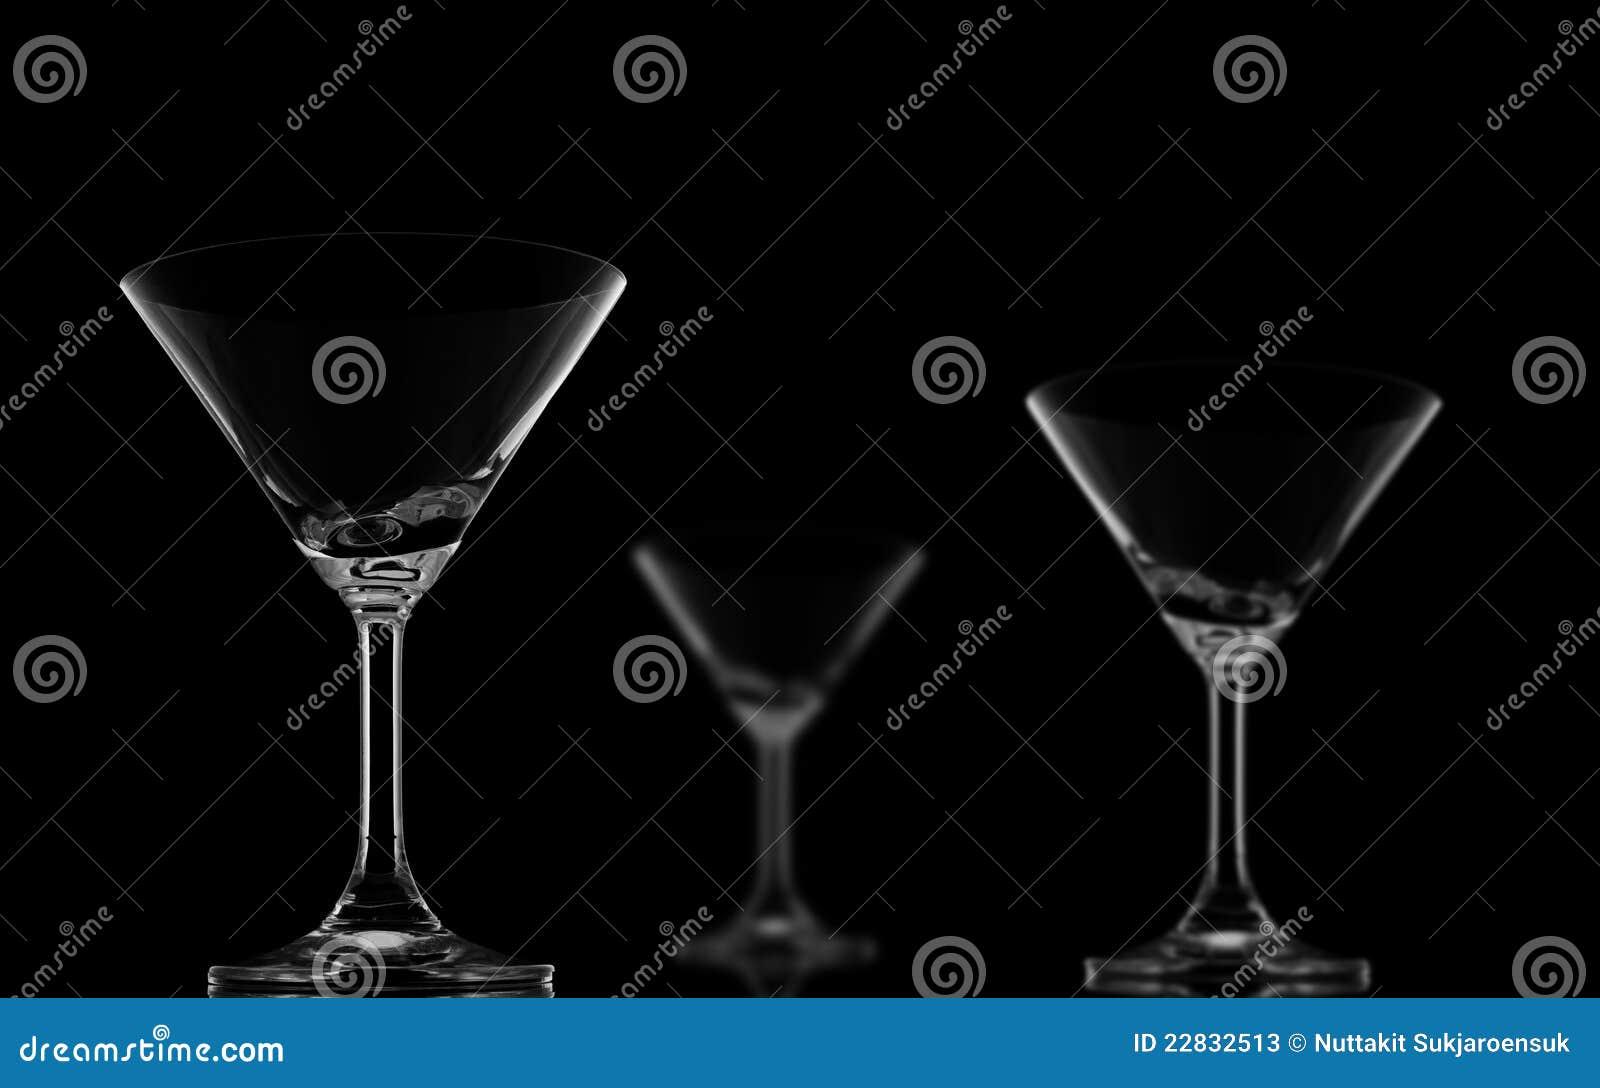 Une deux de tache floue de cocktail glaces pointues et sur le noir image stock image du - Tache de javel sur du noir ...